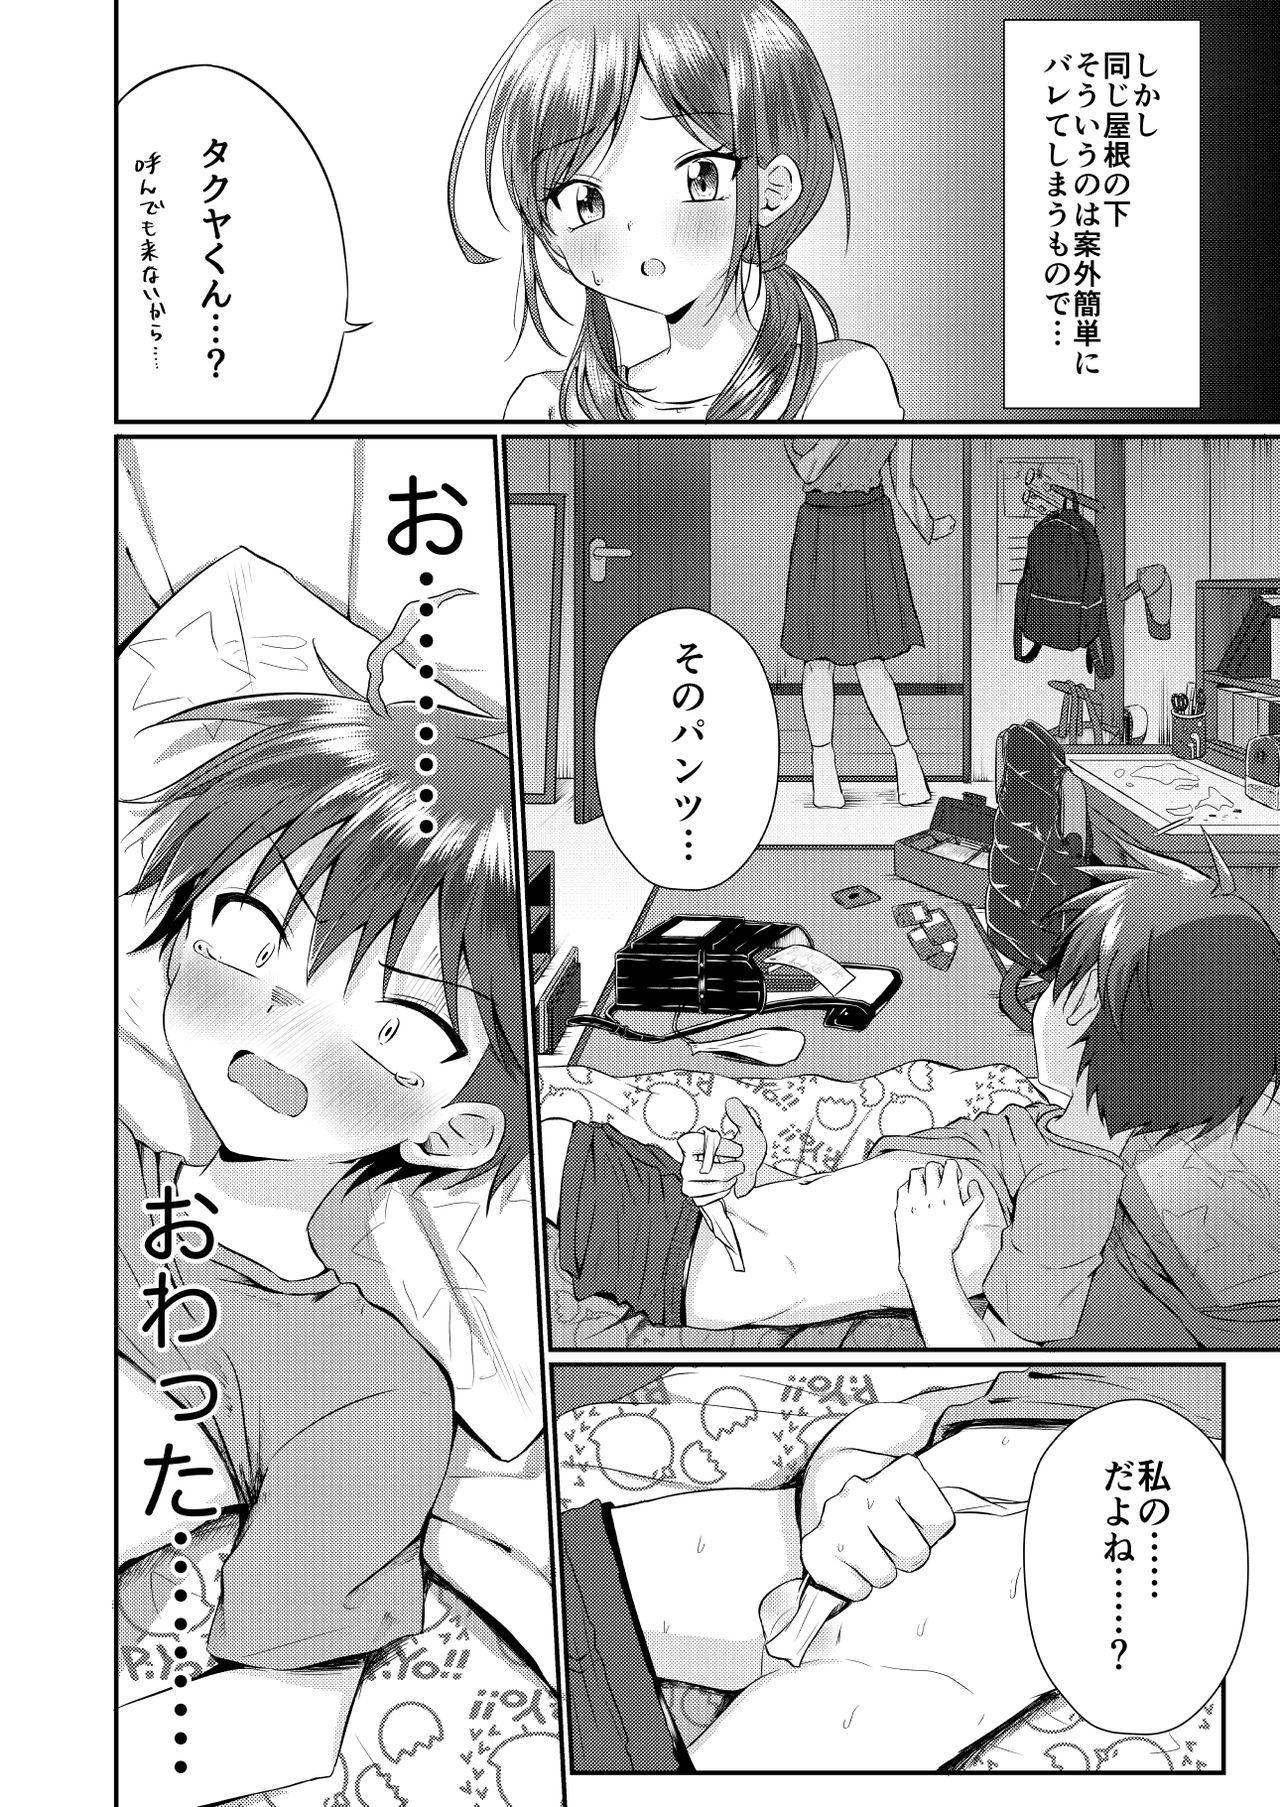 Futanari no Onee-chan ni Shasei Kanri Sarete Gyaku Anal Saretemasu! 4